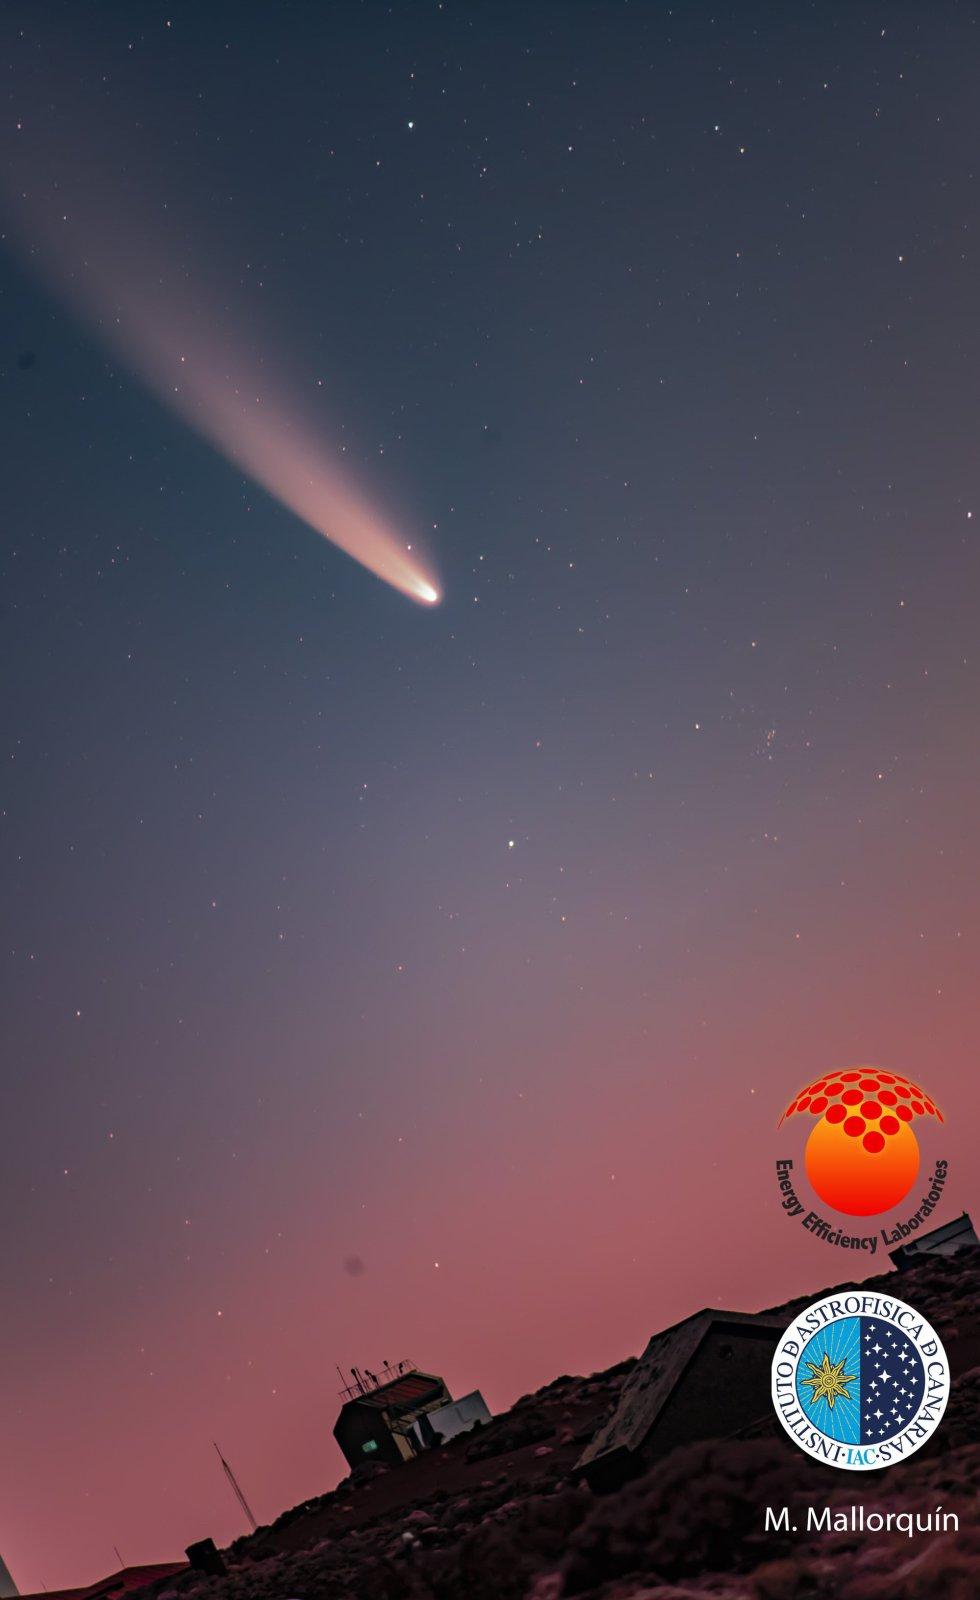 El cometa Neowise, visto desde el Observatorio del Teide, en la madrugada del 11 de julio de 2020.